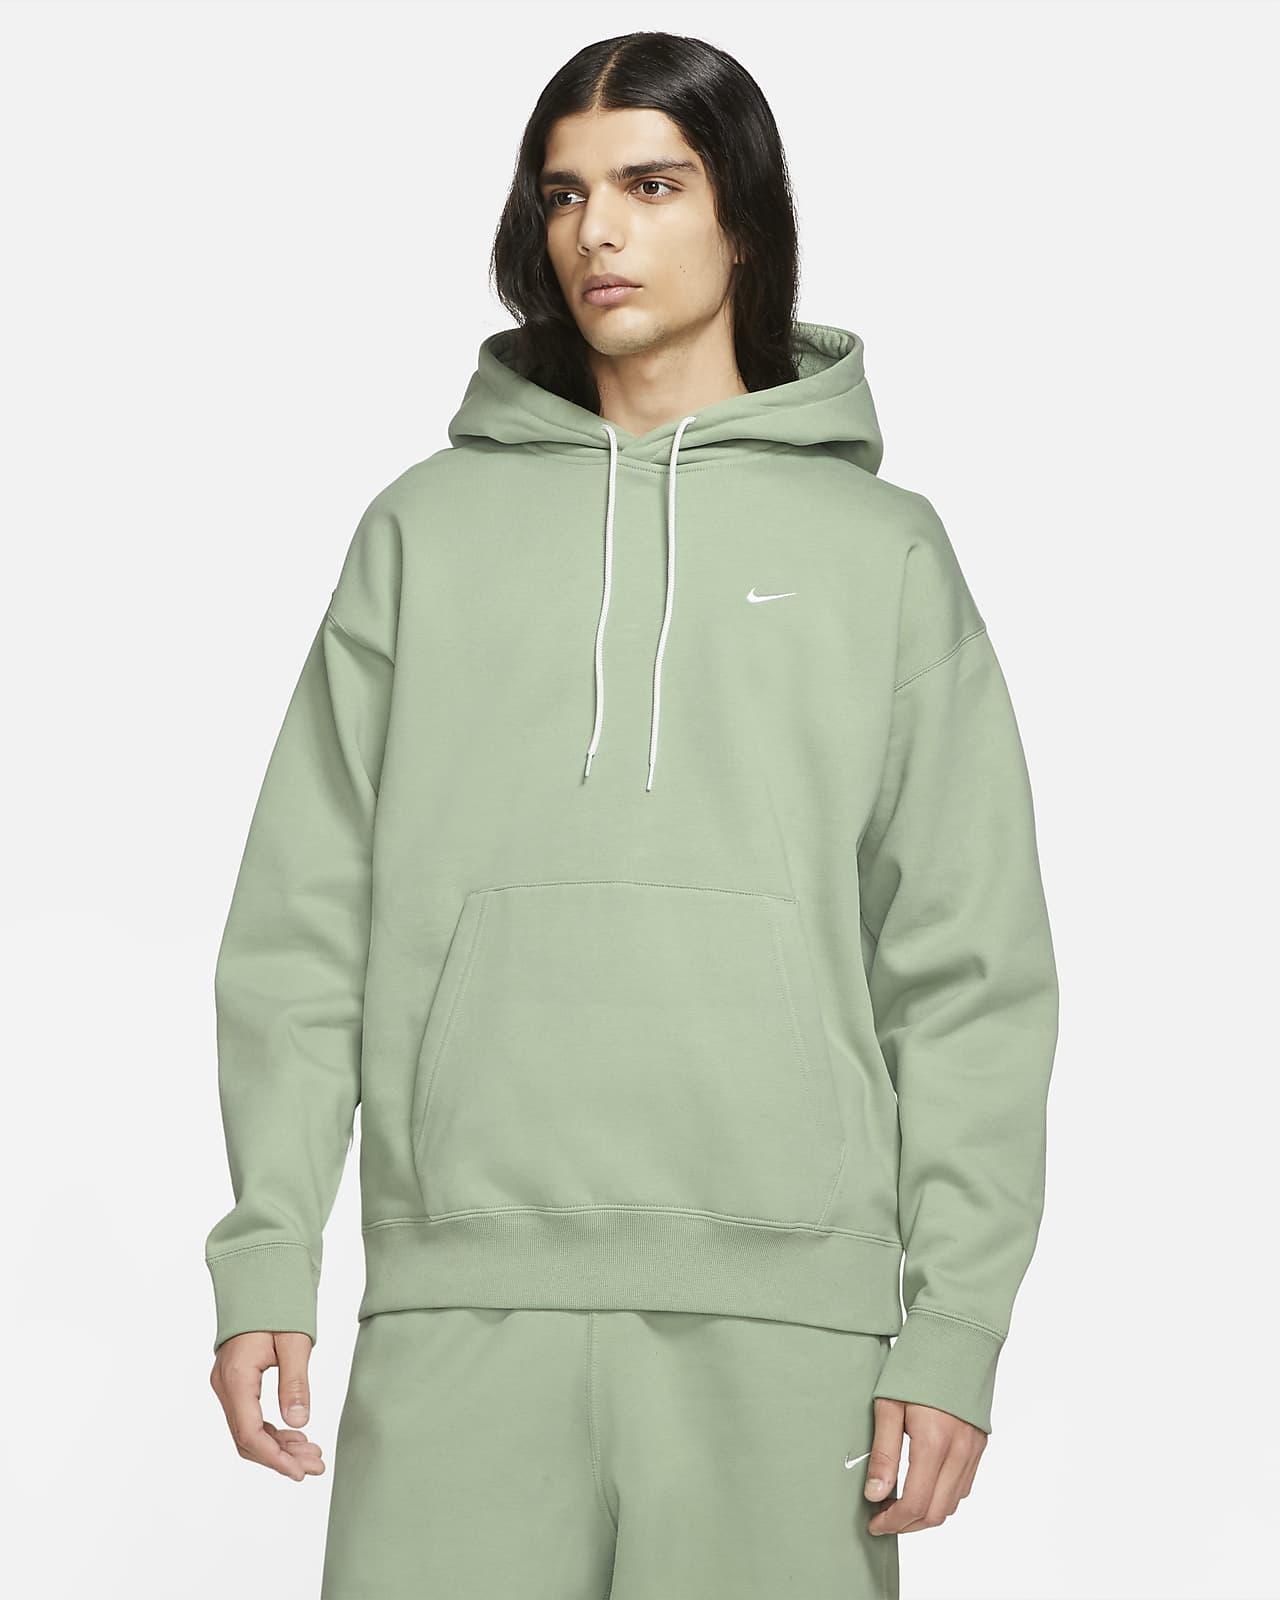 NikeLab Dessuadora amb caputxa Fleece - Home